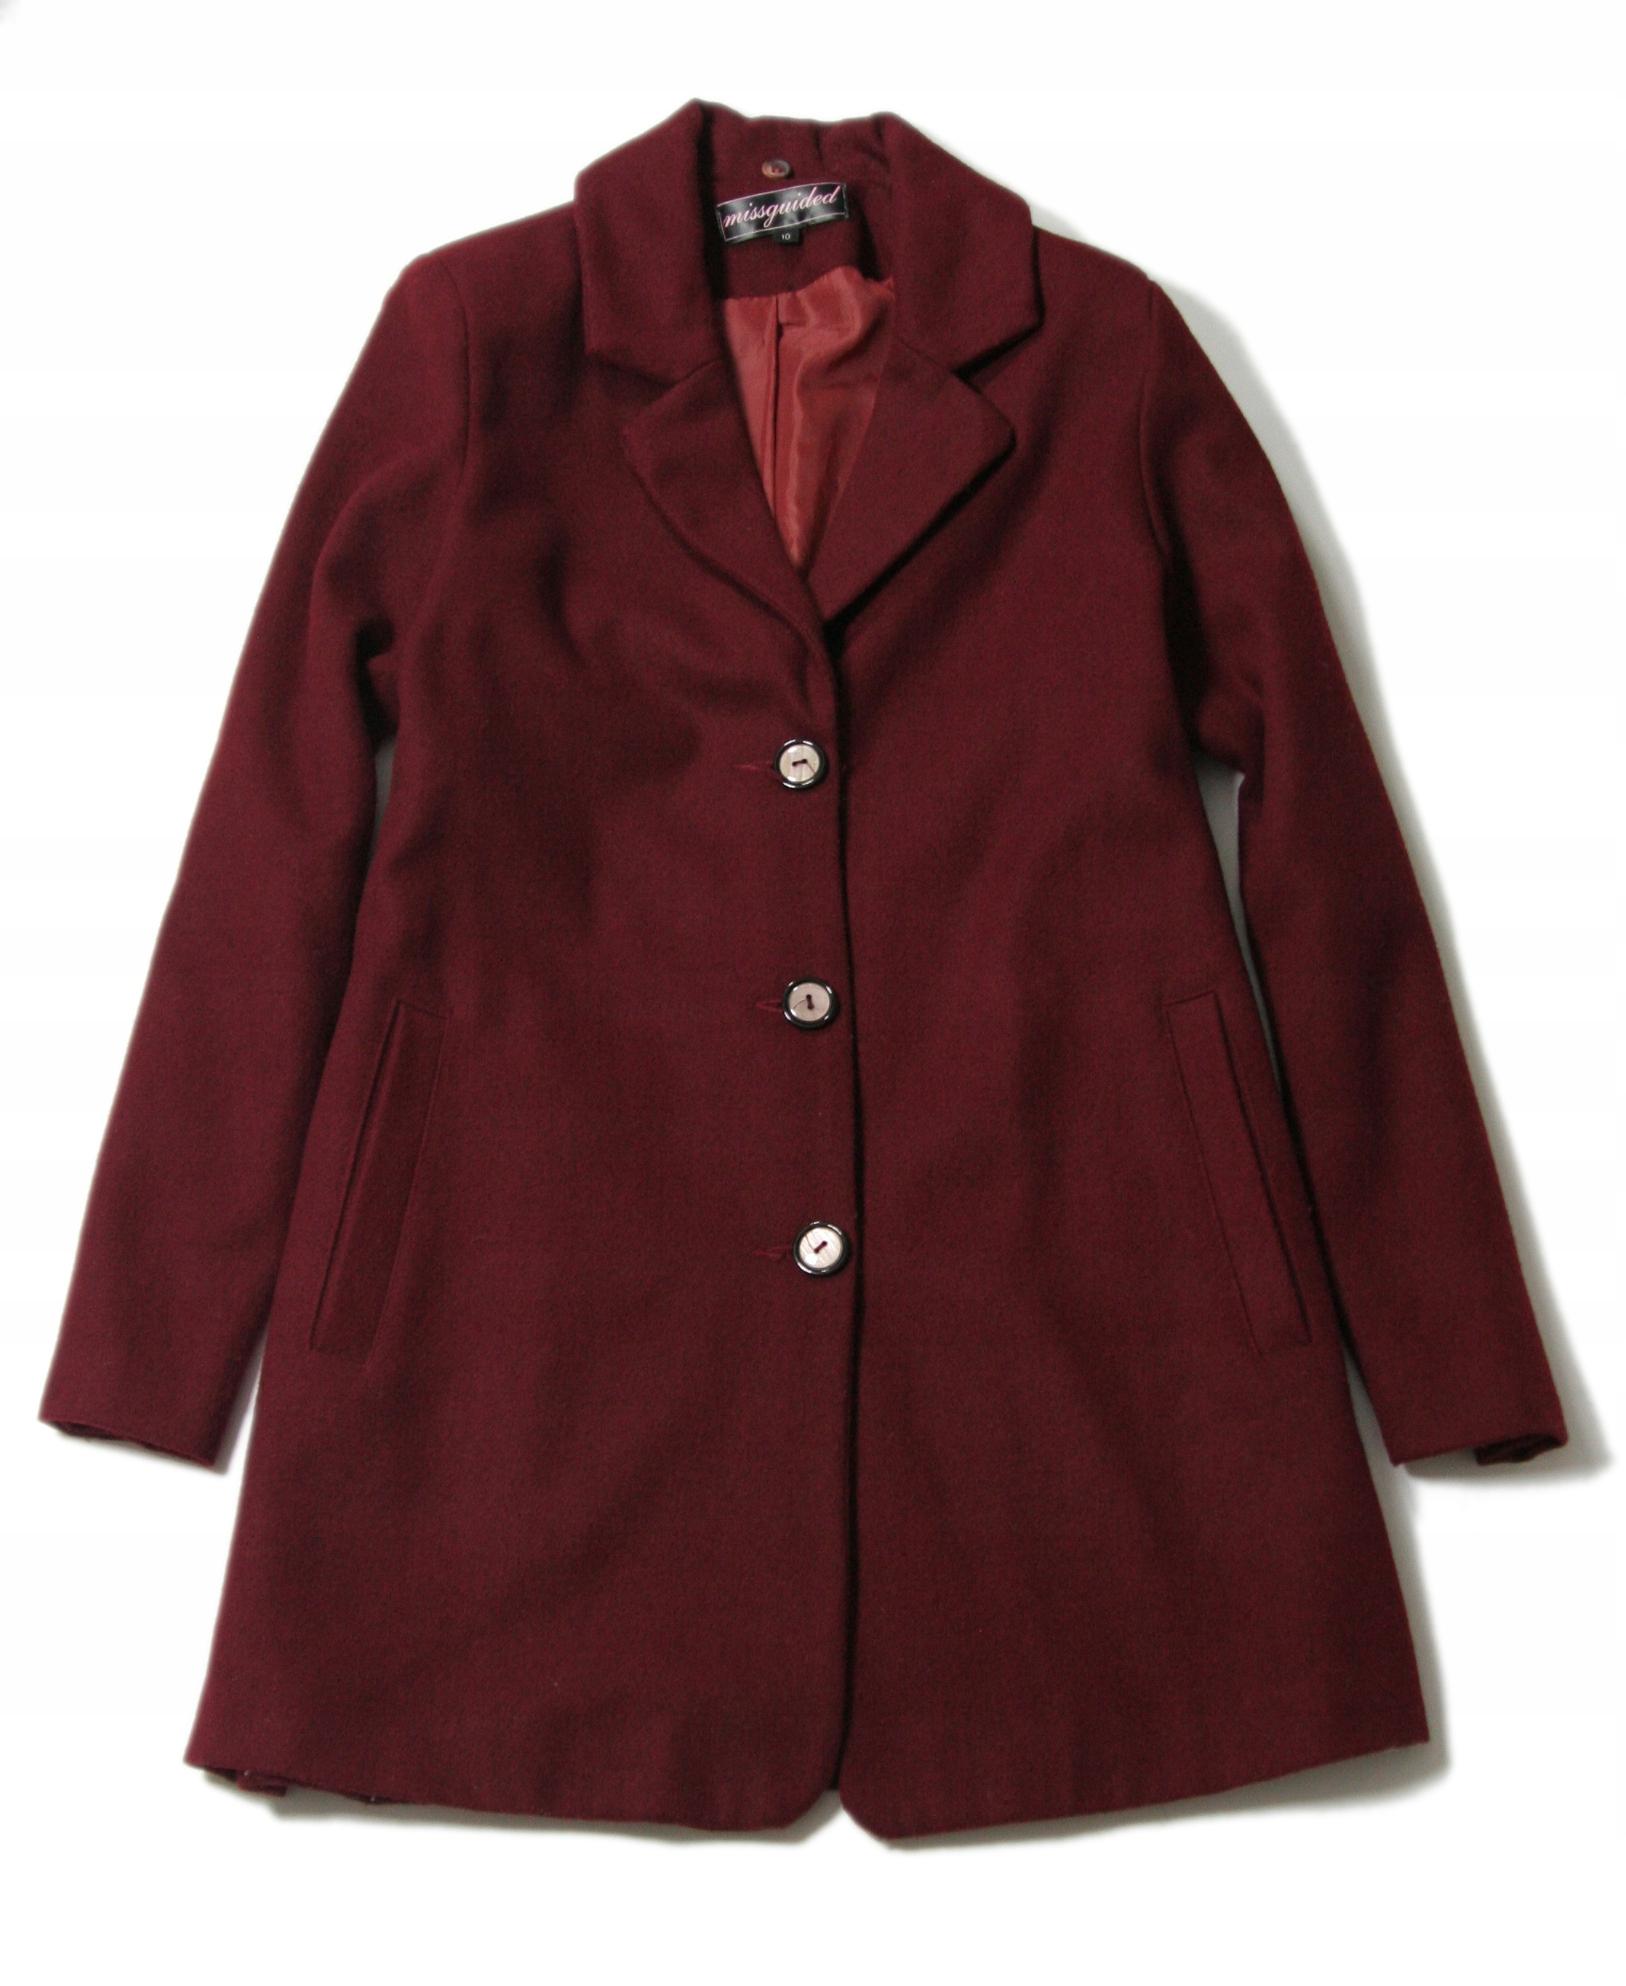 MISSGUIDED jesien przejściowy płaszcz BORDO 38